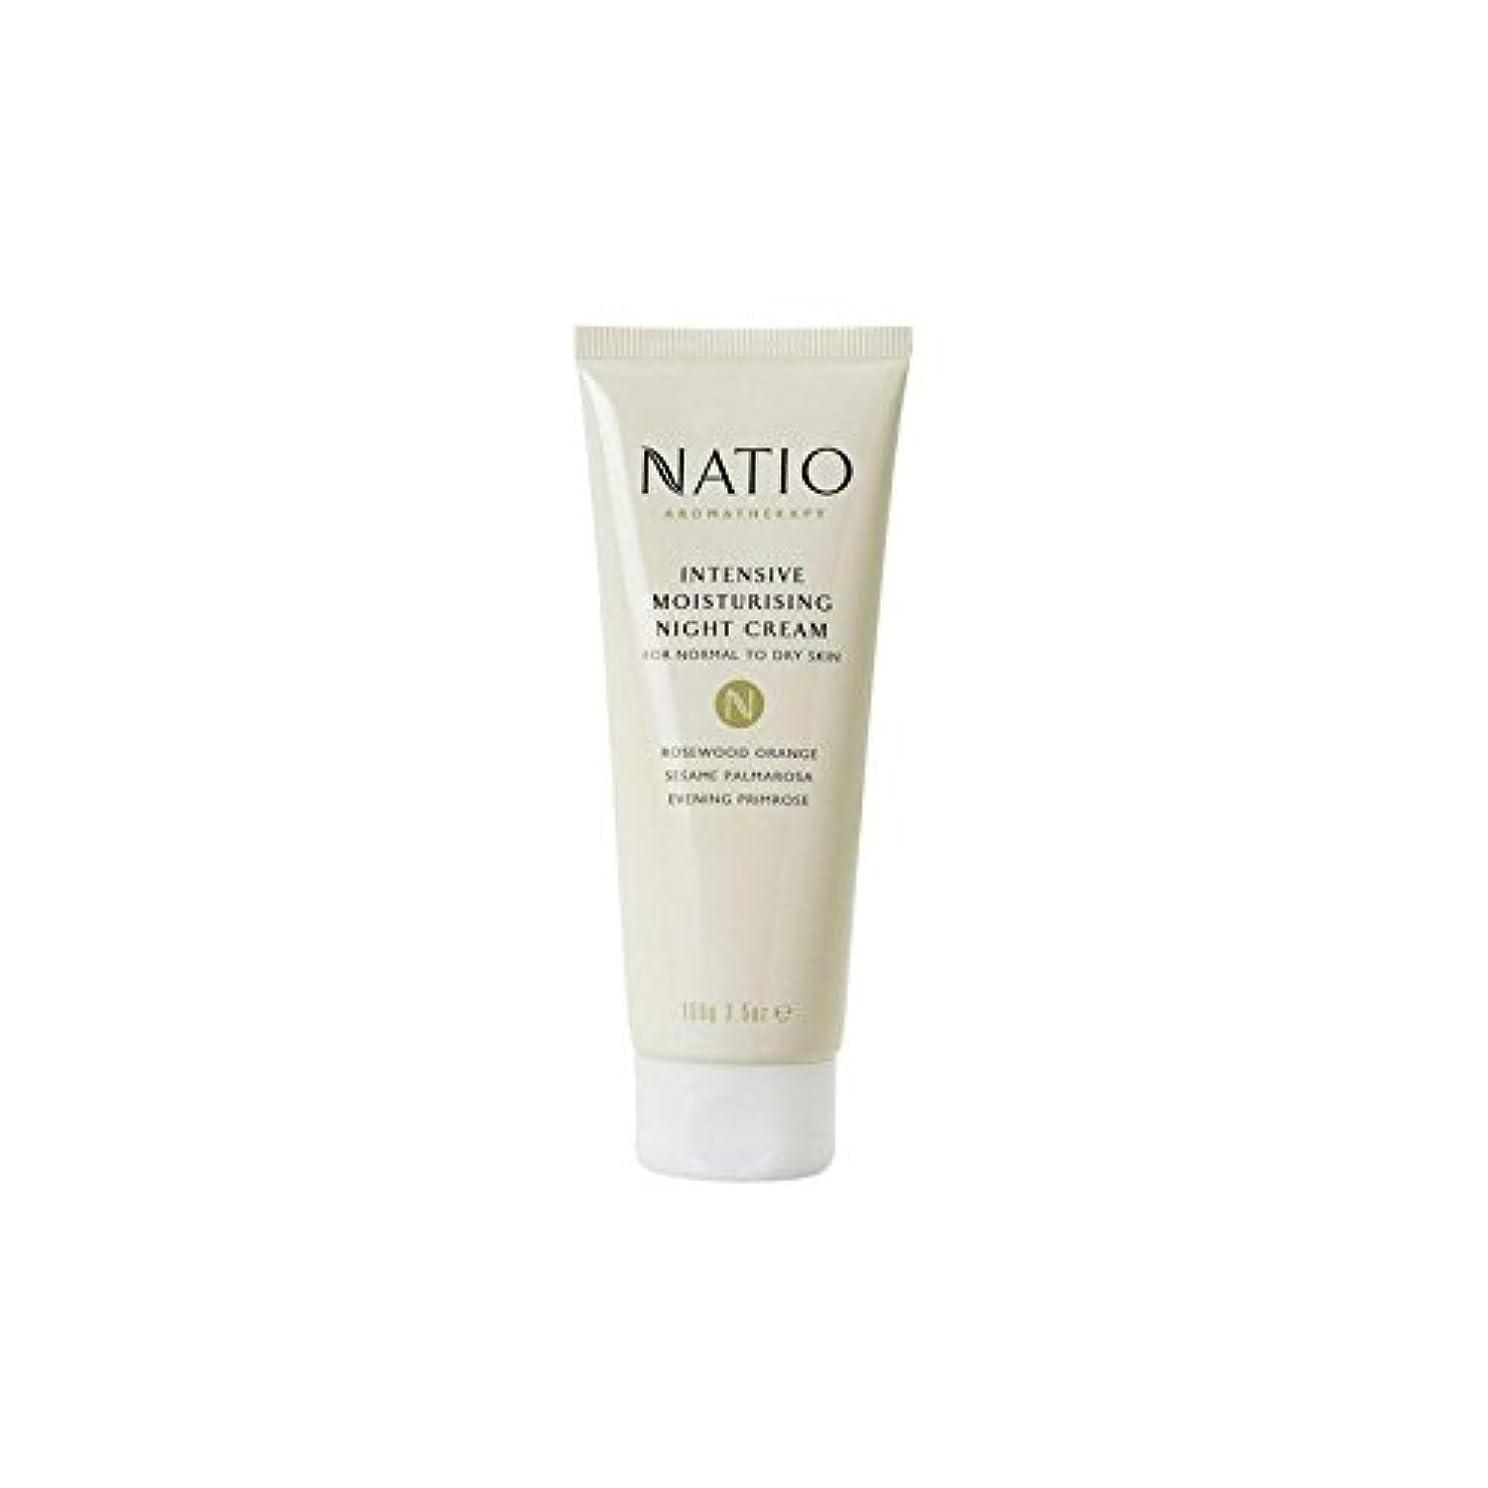 側面香ばしい競争力のある集中的な保湿ナイトクリーム(100グラム) x4 - Natio Intensive Moisturising Night Cream (100G) (Pack of 4) [並行輸入品]